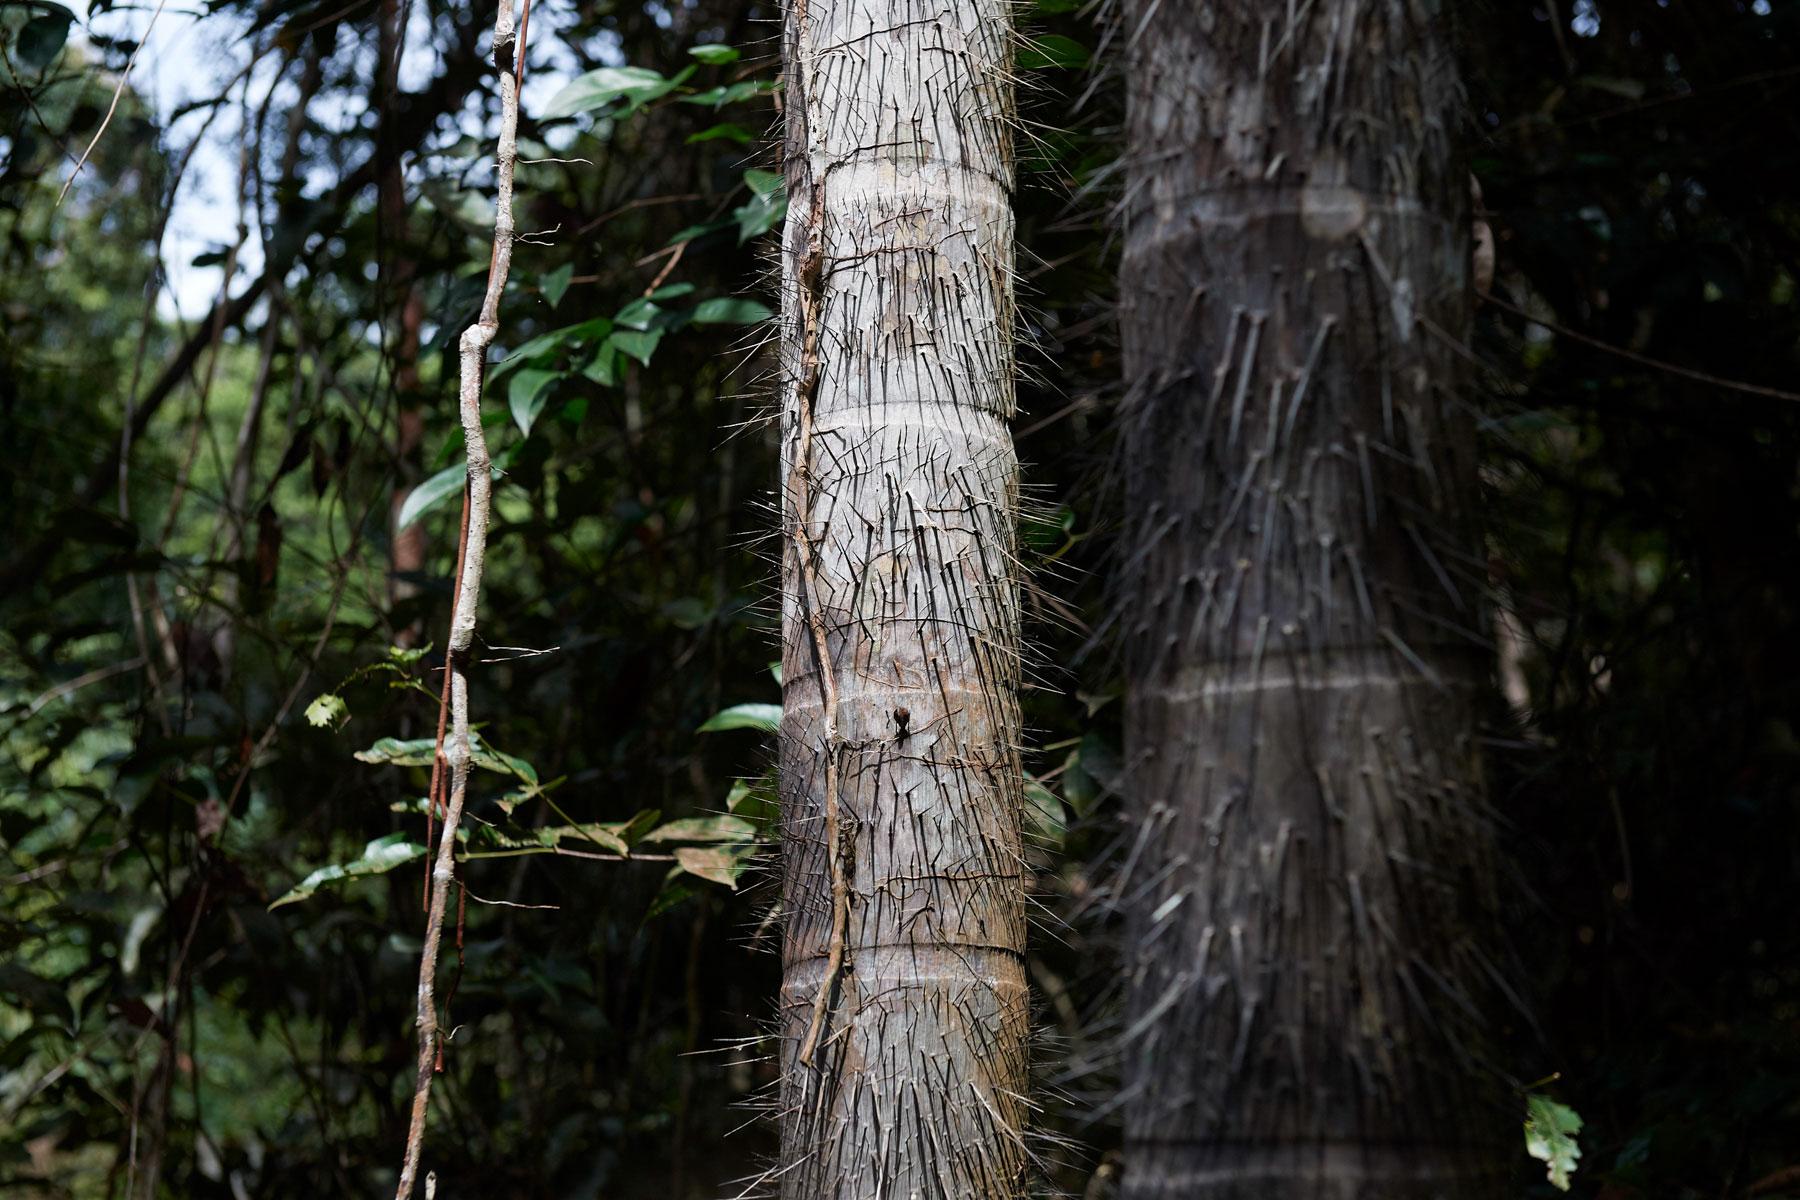 Nahaufnahme eines Baumgewächses mit dornigen Stacheln an seiner Rinde